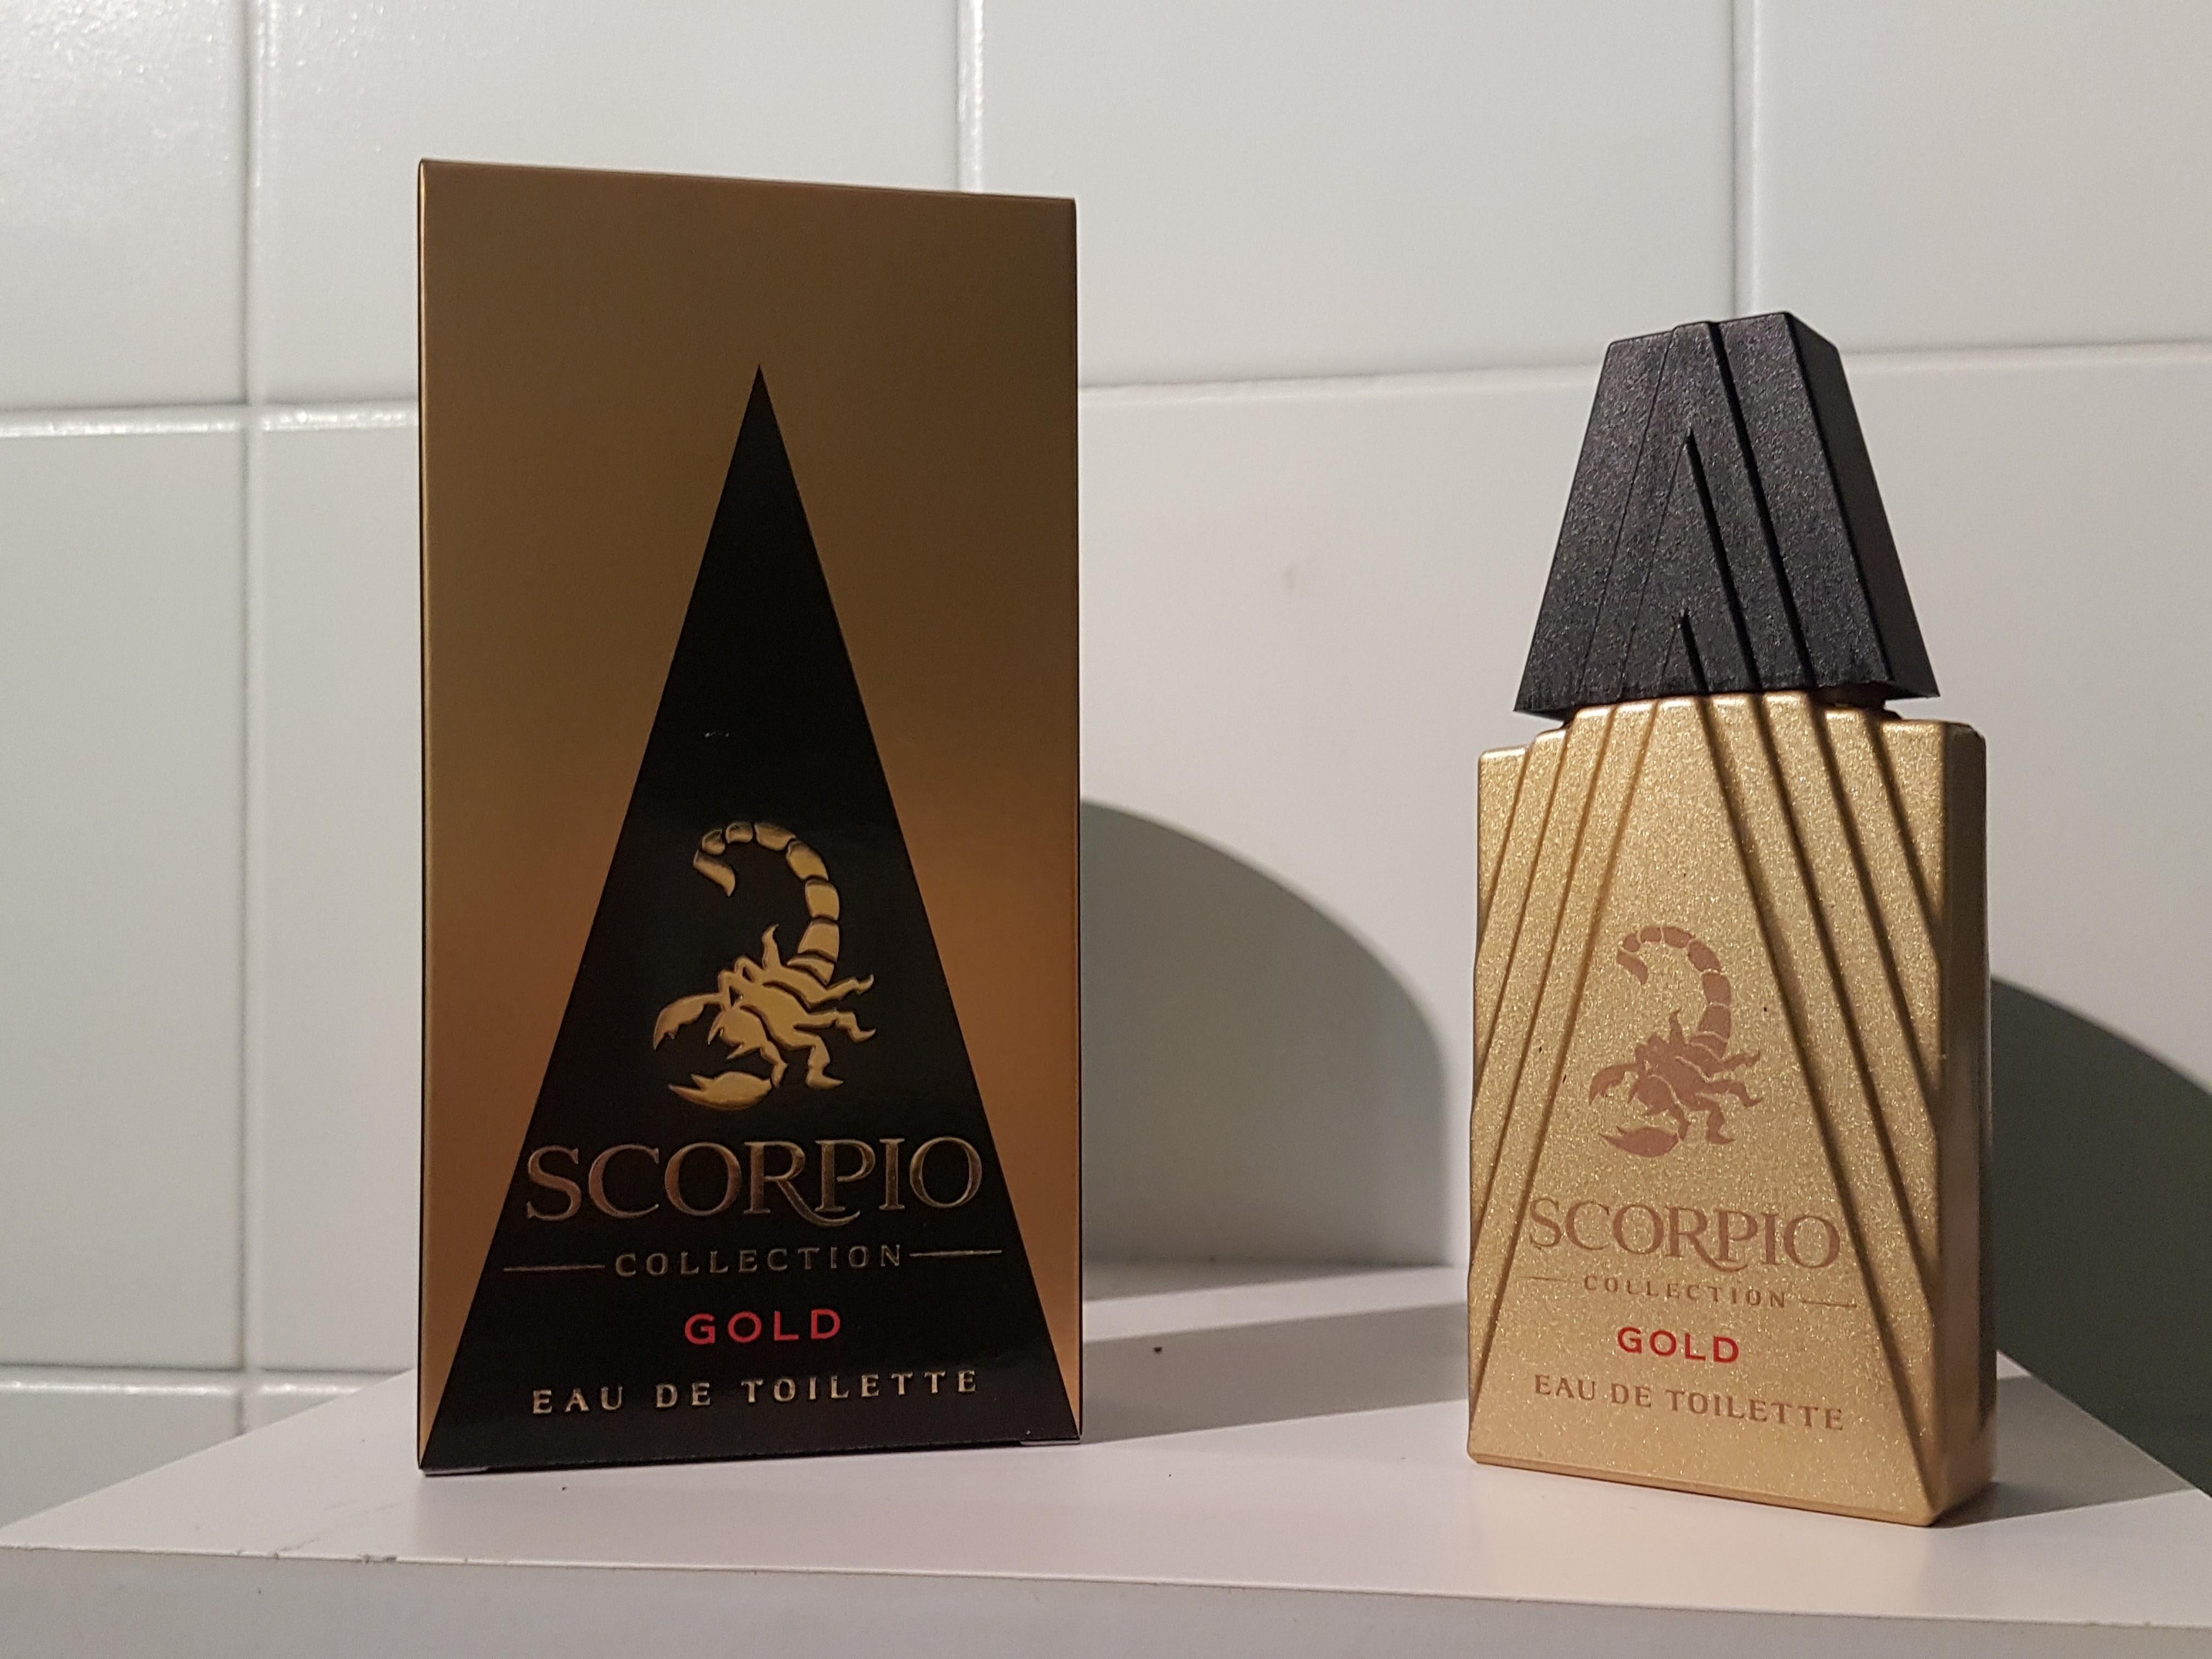 Scorpio-Collection-Gold - Scorpio-Collection-Gold-5.jpg